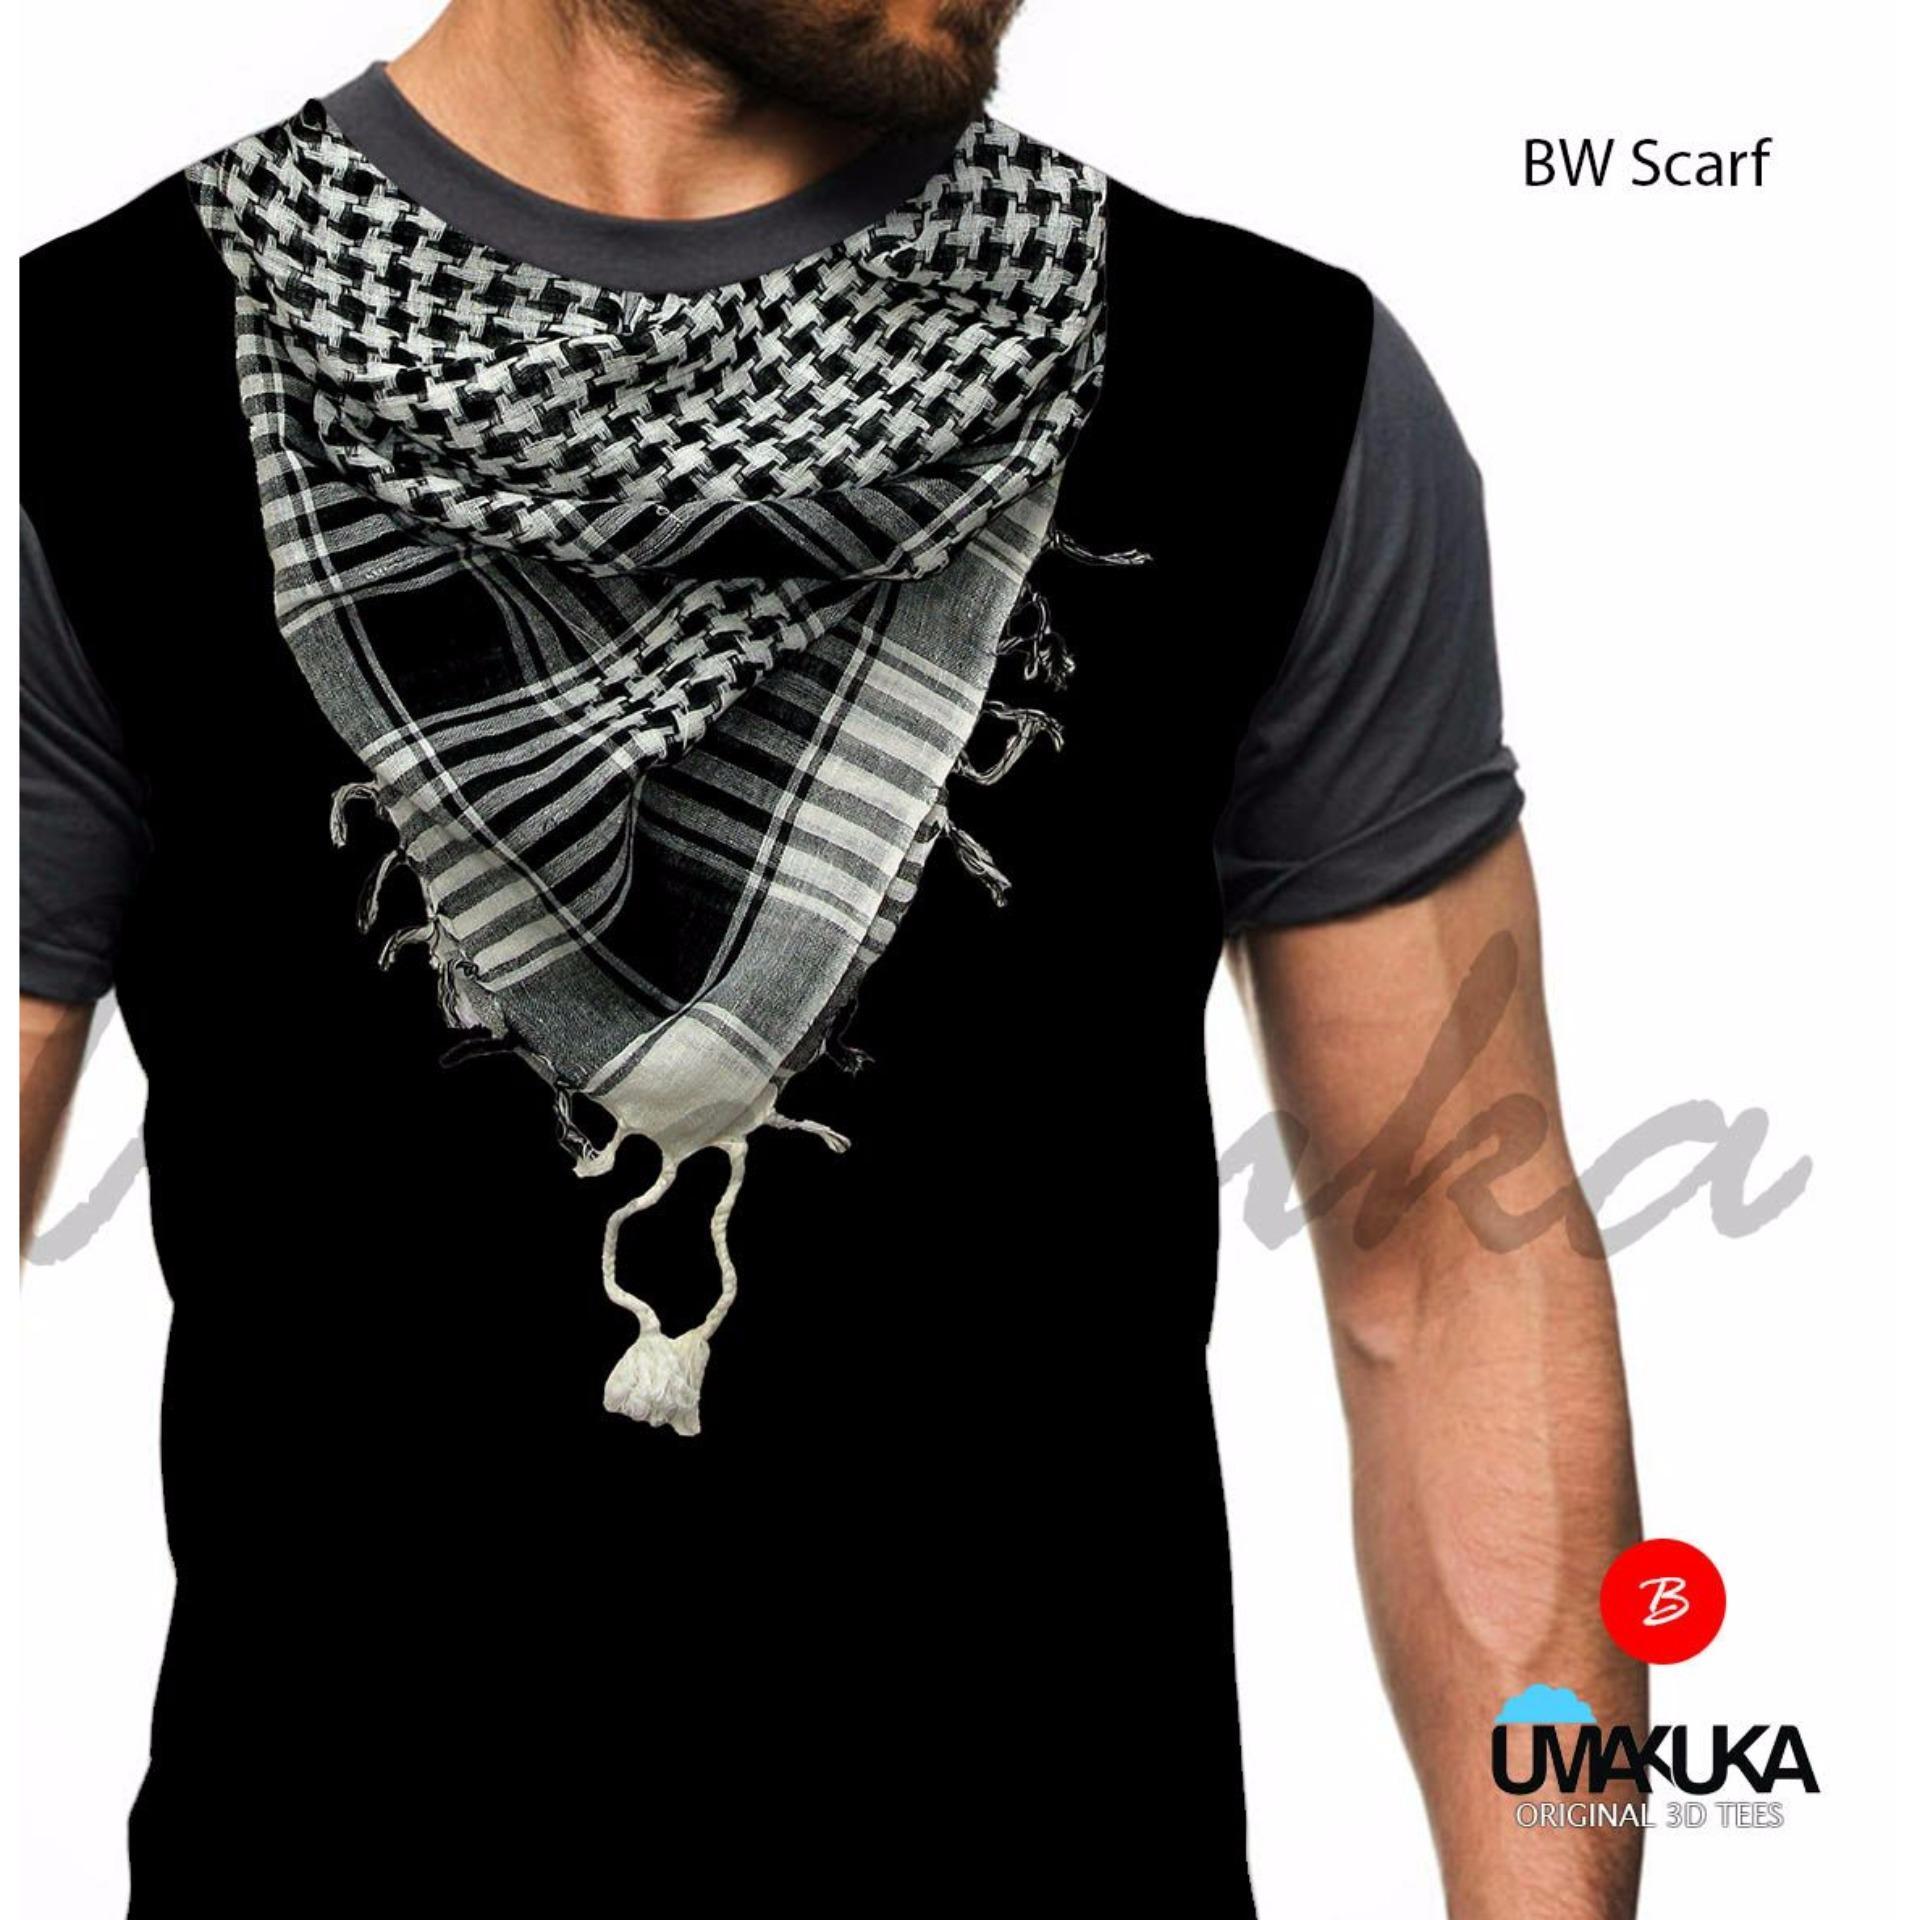 Umakuka Original Kaos 3D Pria / Wanita Dewasa Full Print - Suit BW SCARFT